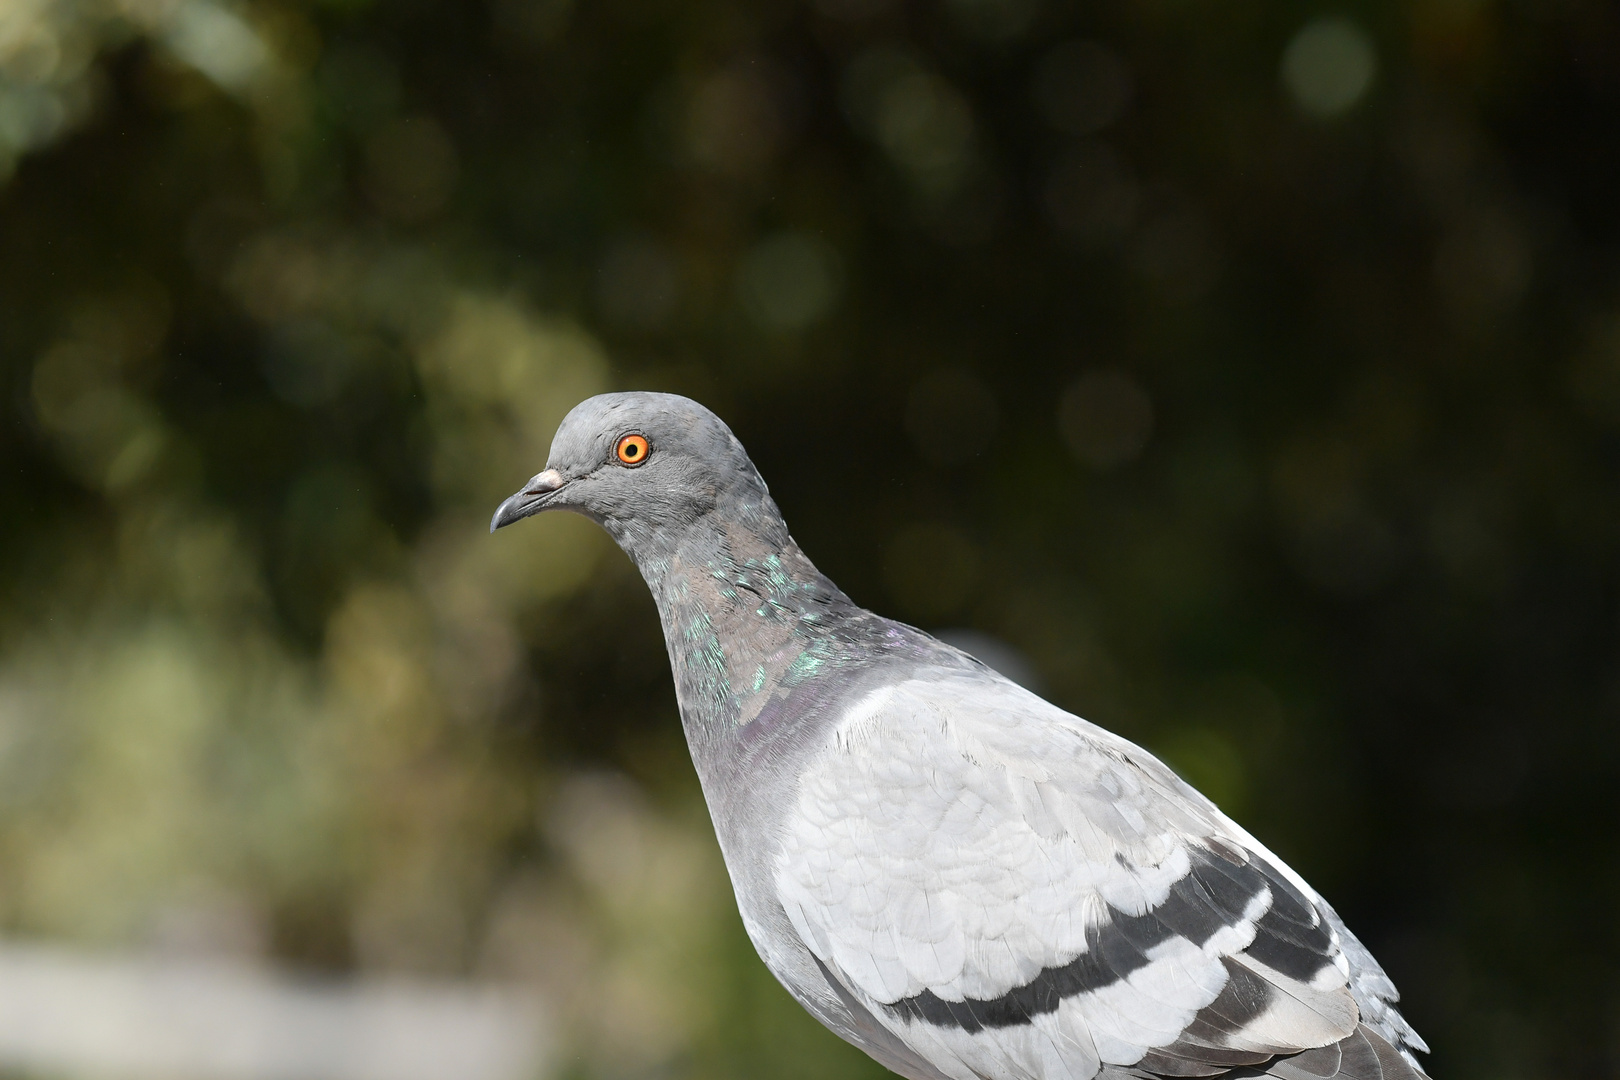 Yankee Doodle,il piccione viaggiatore